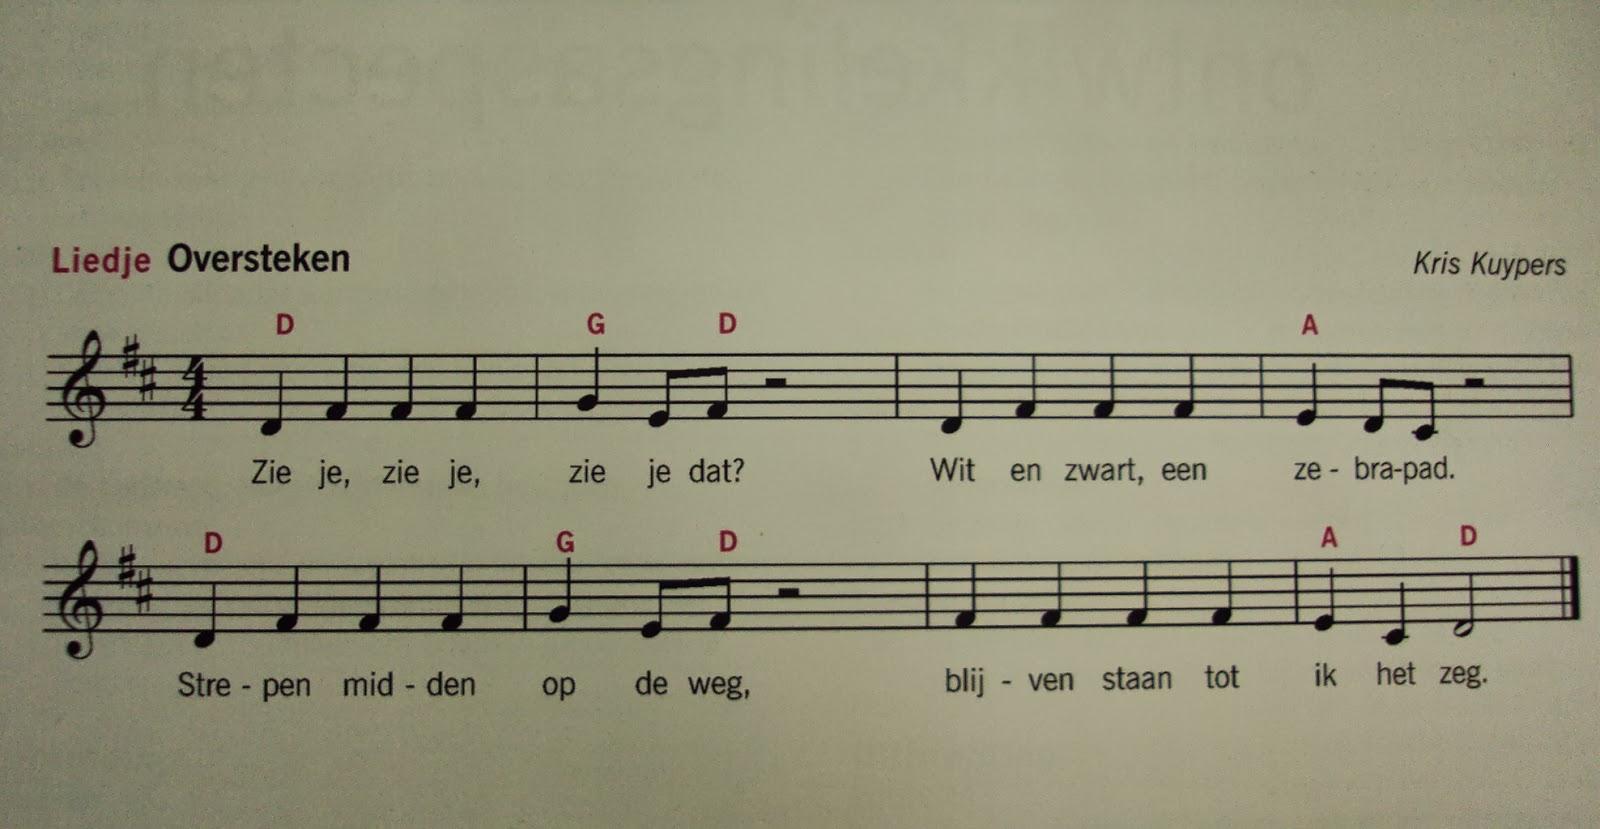 Afbeeldingsresultaat voor liedje jules oversteken